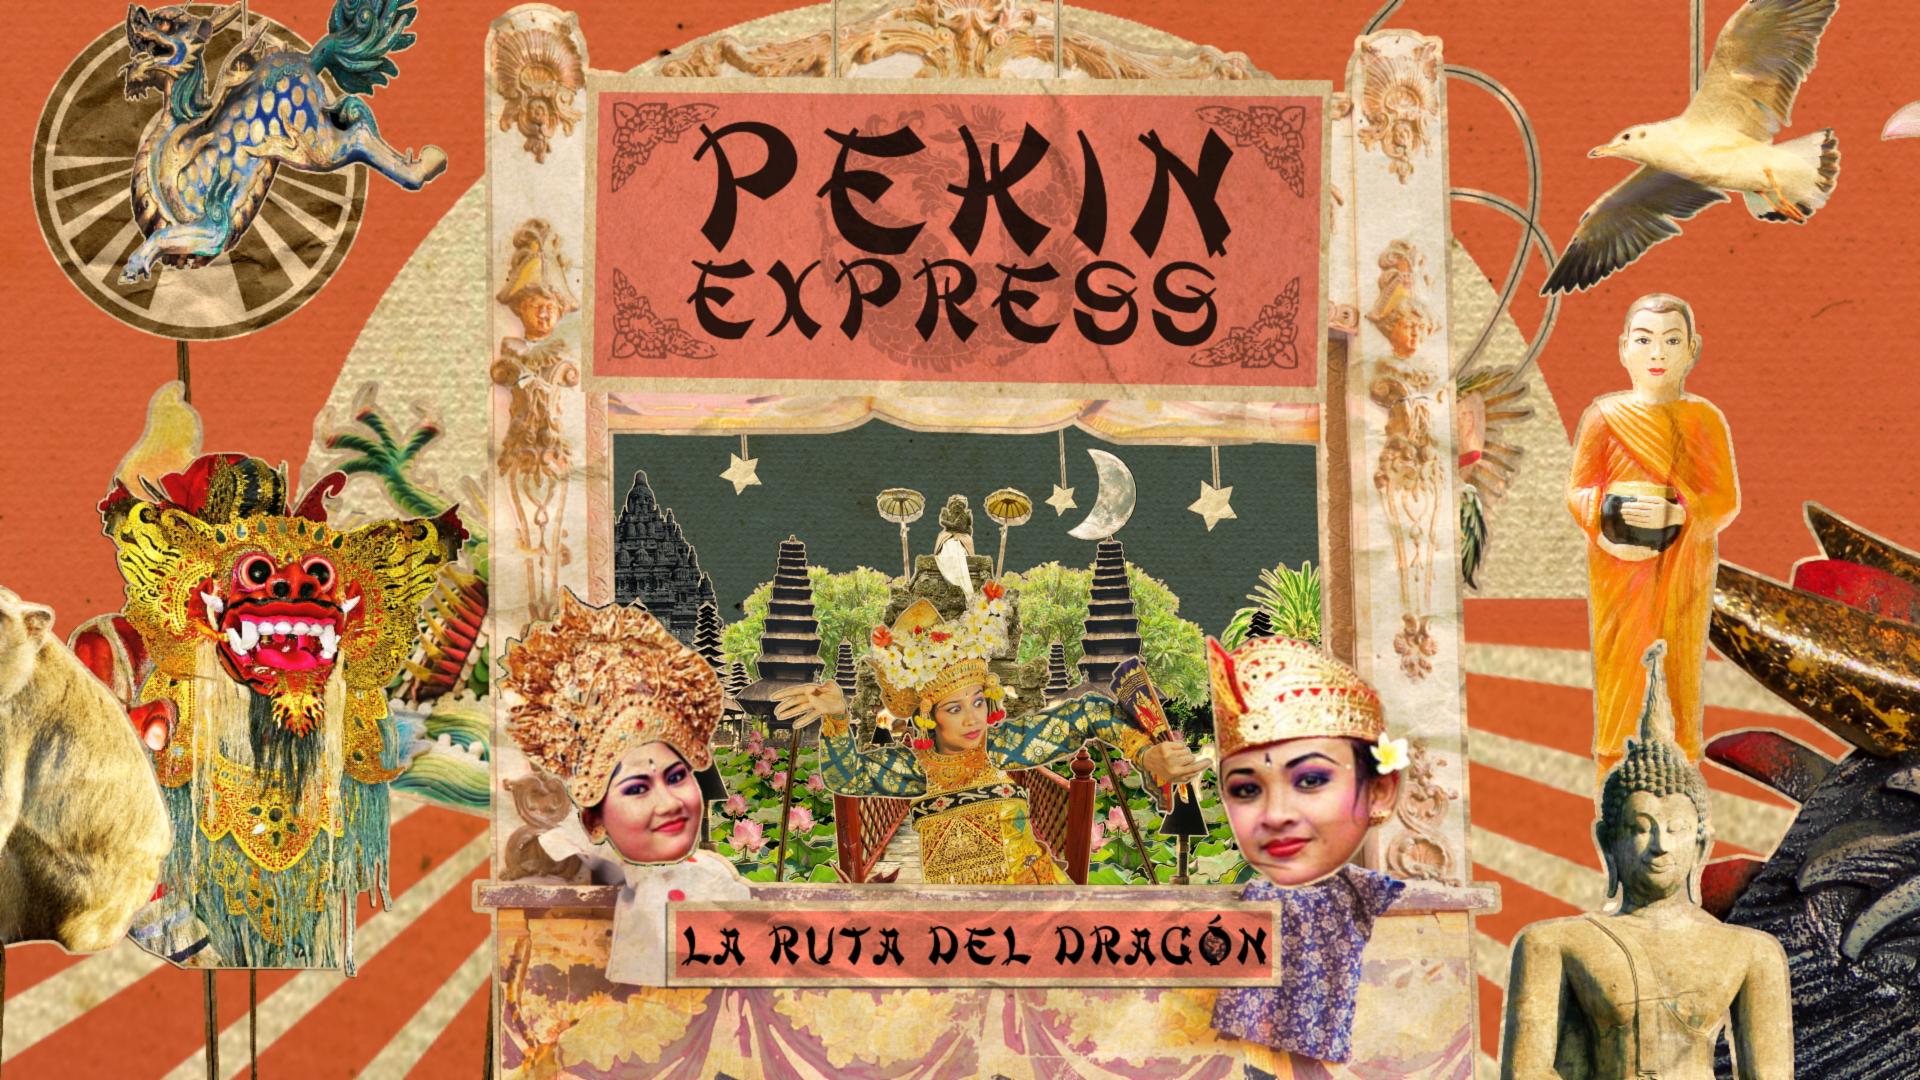 Pekín Express